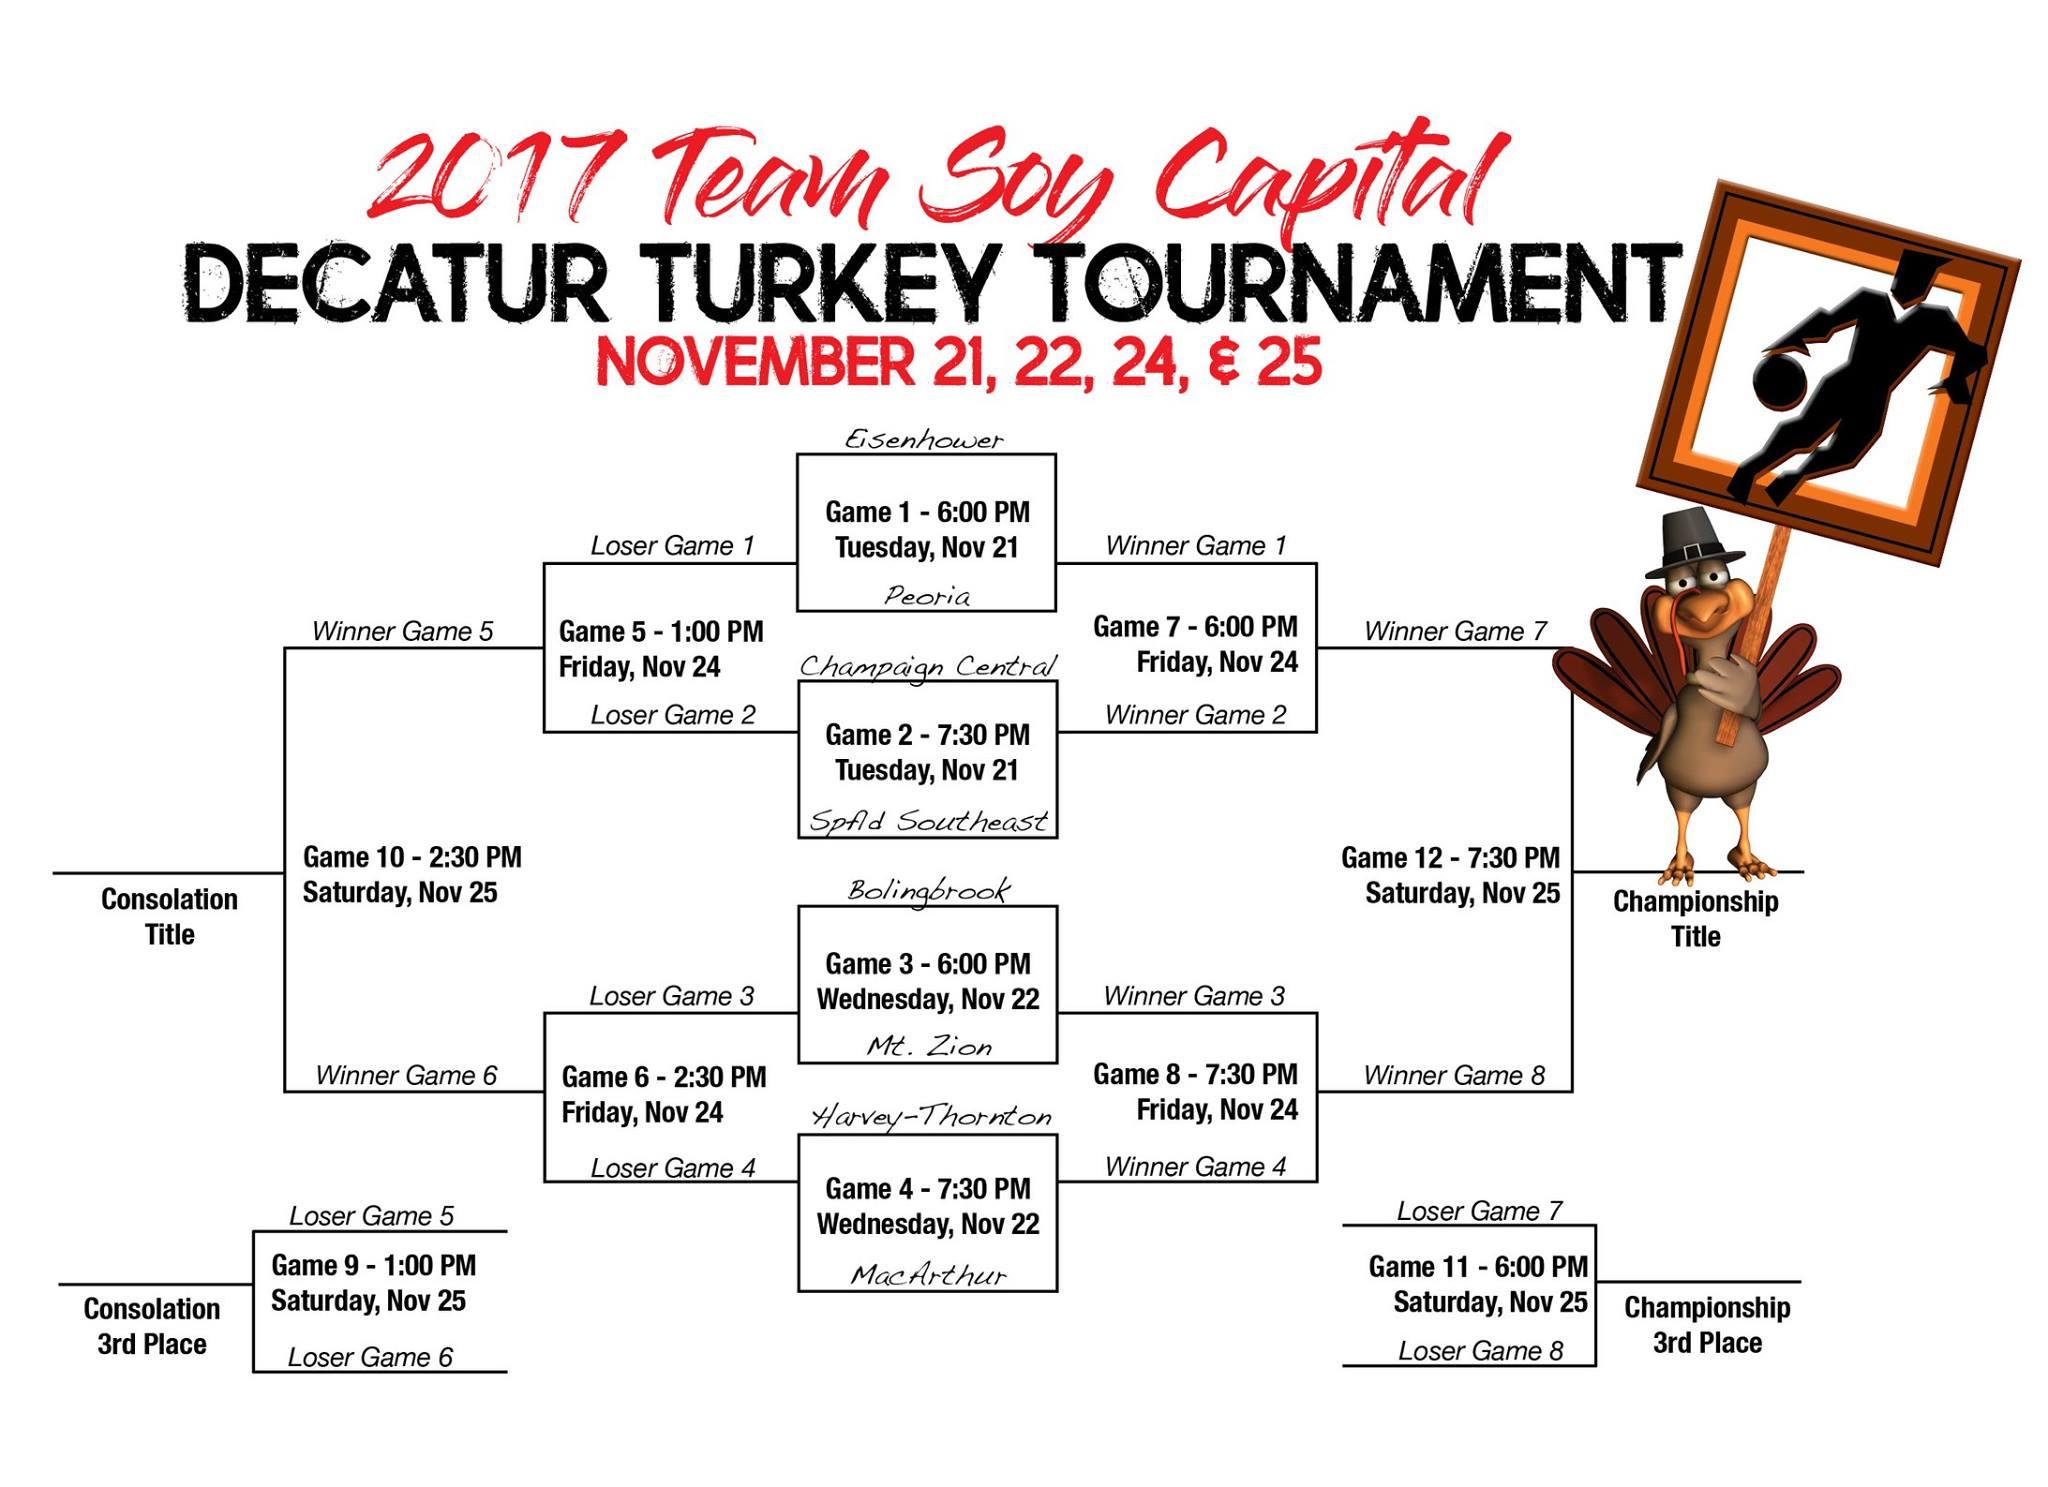 2017 Decatur Turkey Tournament Schedule